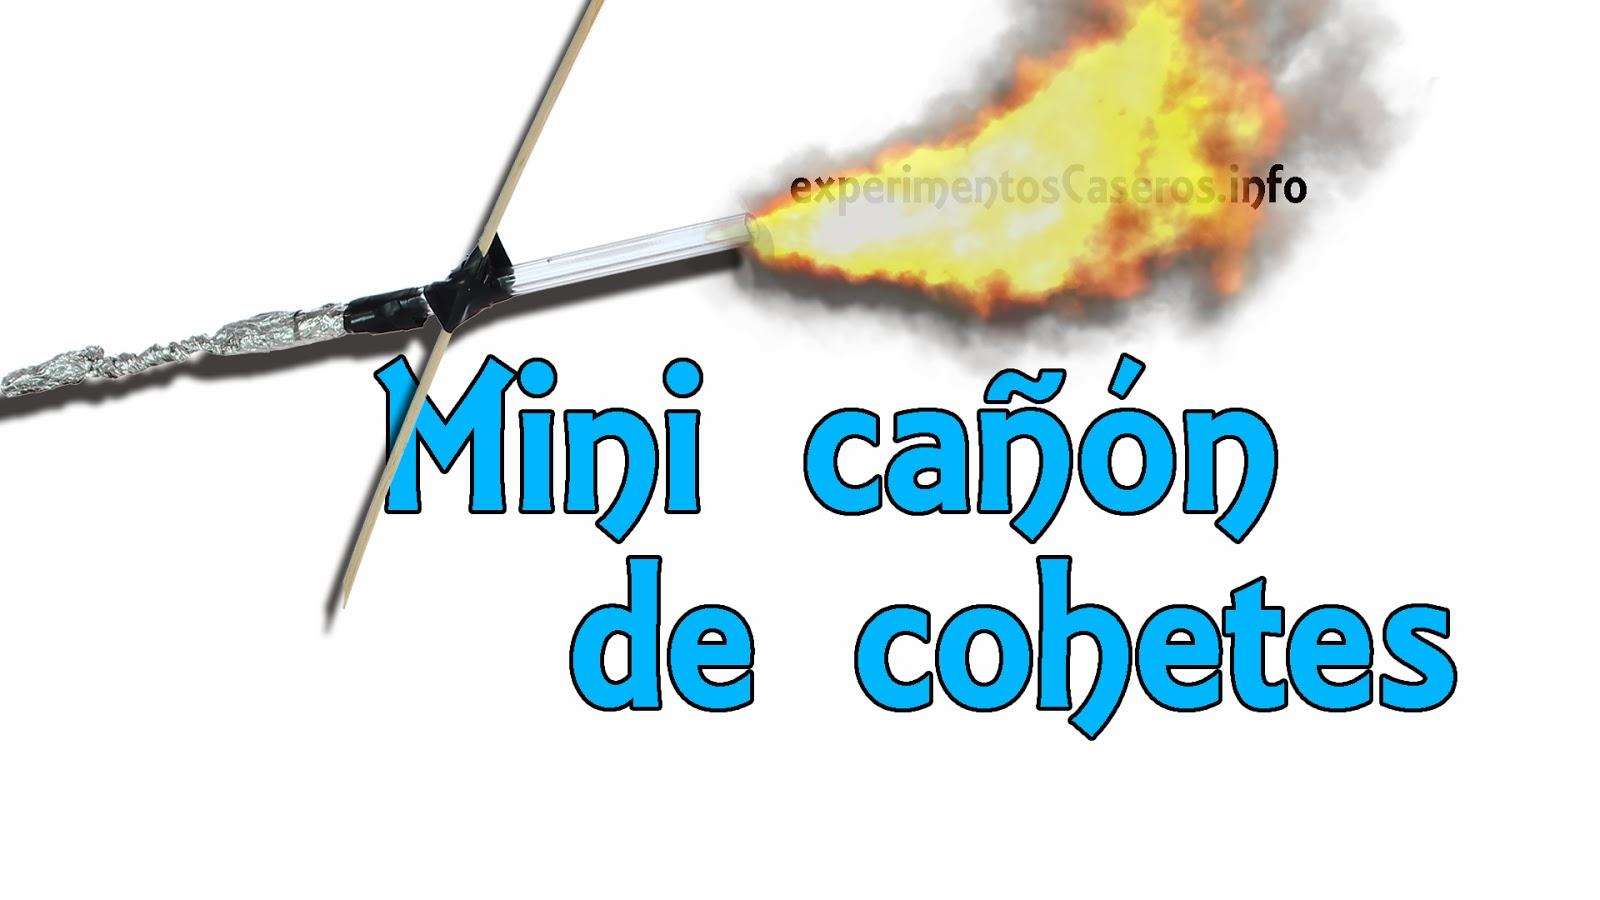 Mini cañón lanza cohetes, inventos caseros, experimentos de física, experimento, experimentos caseros